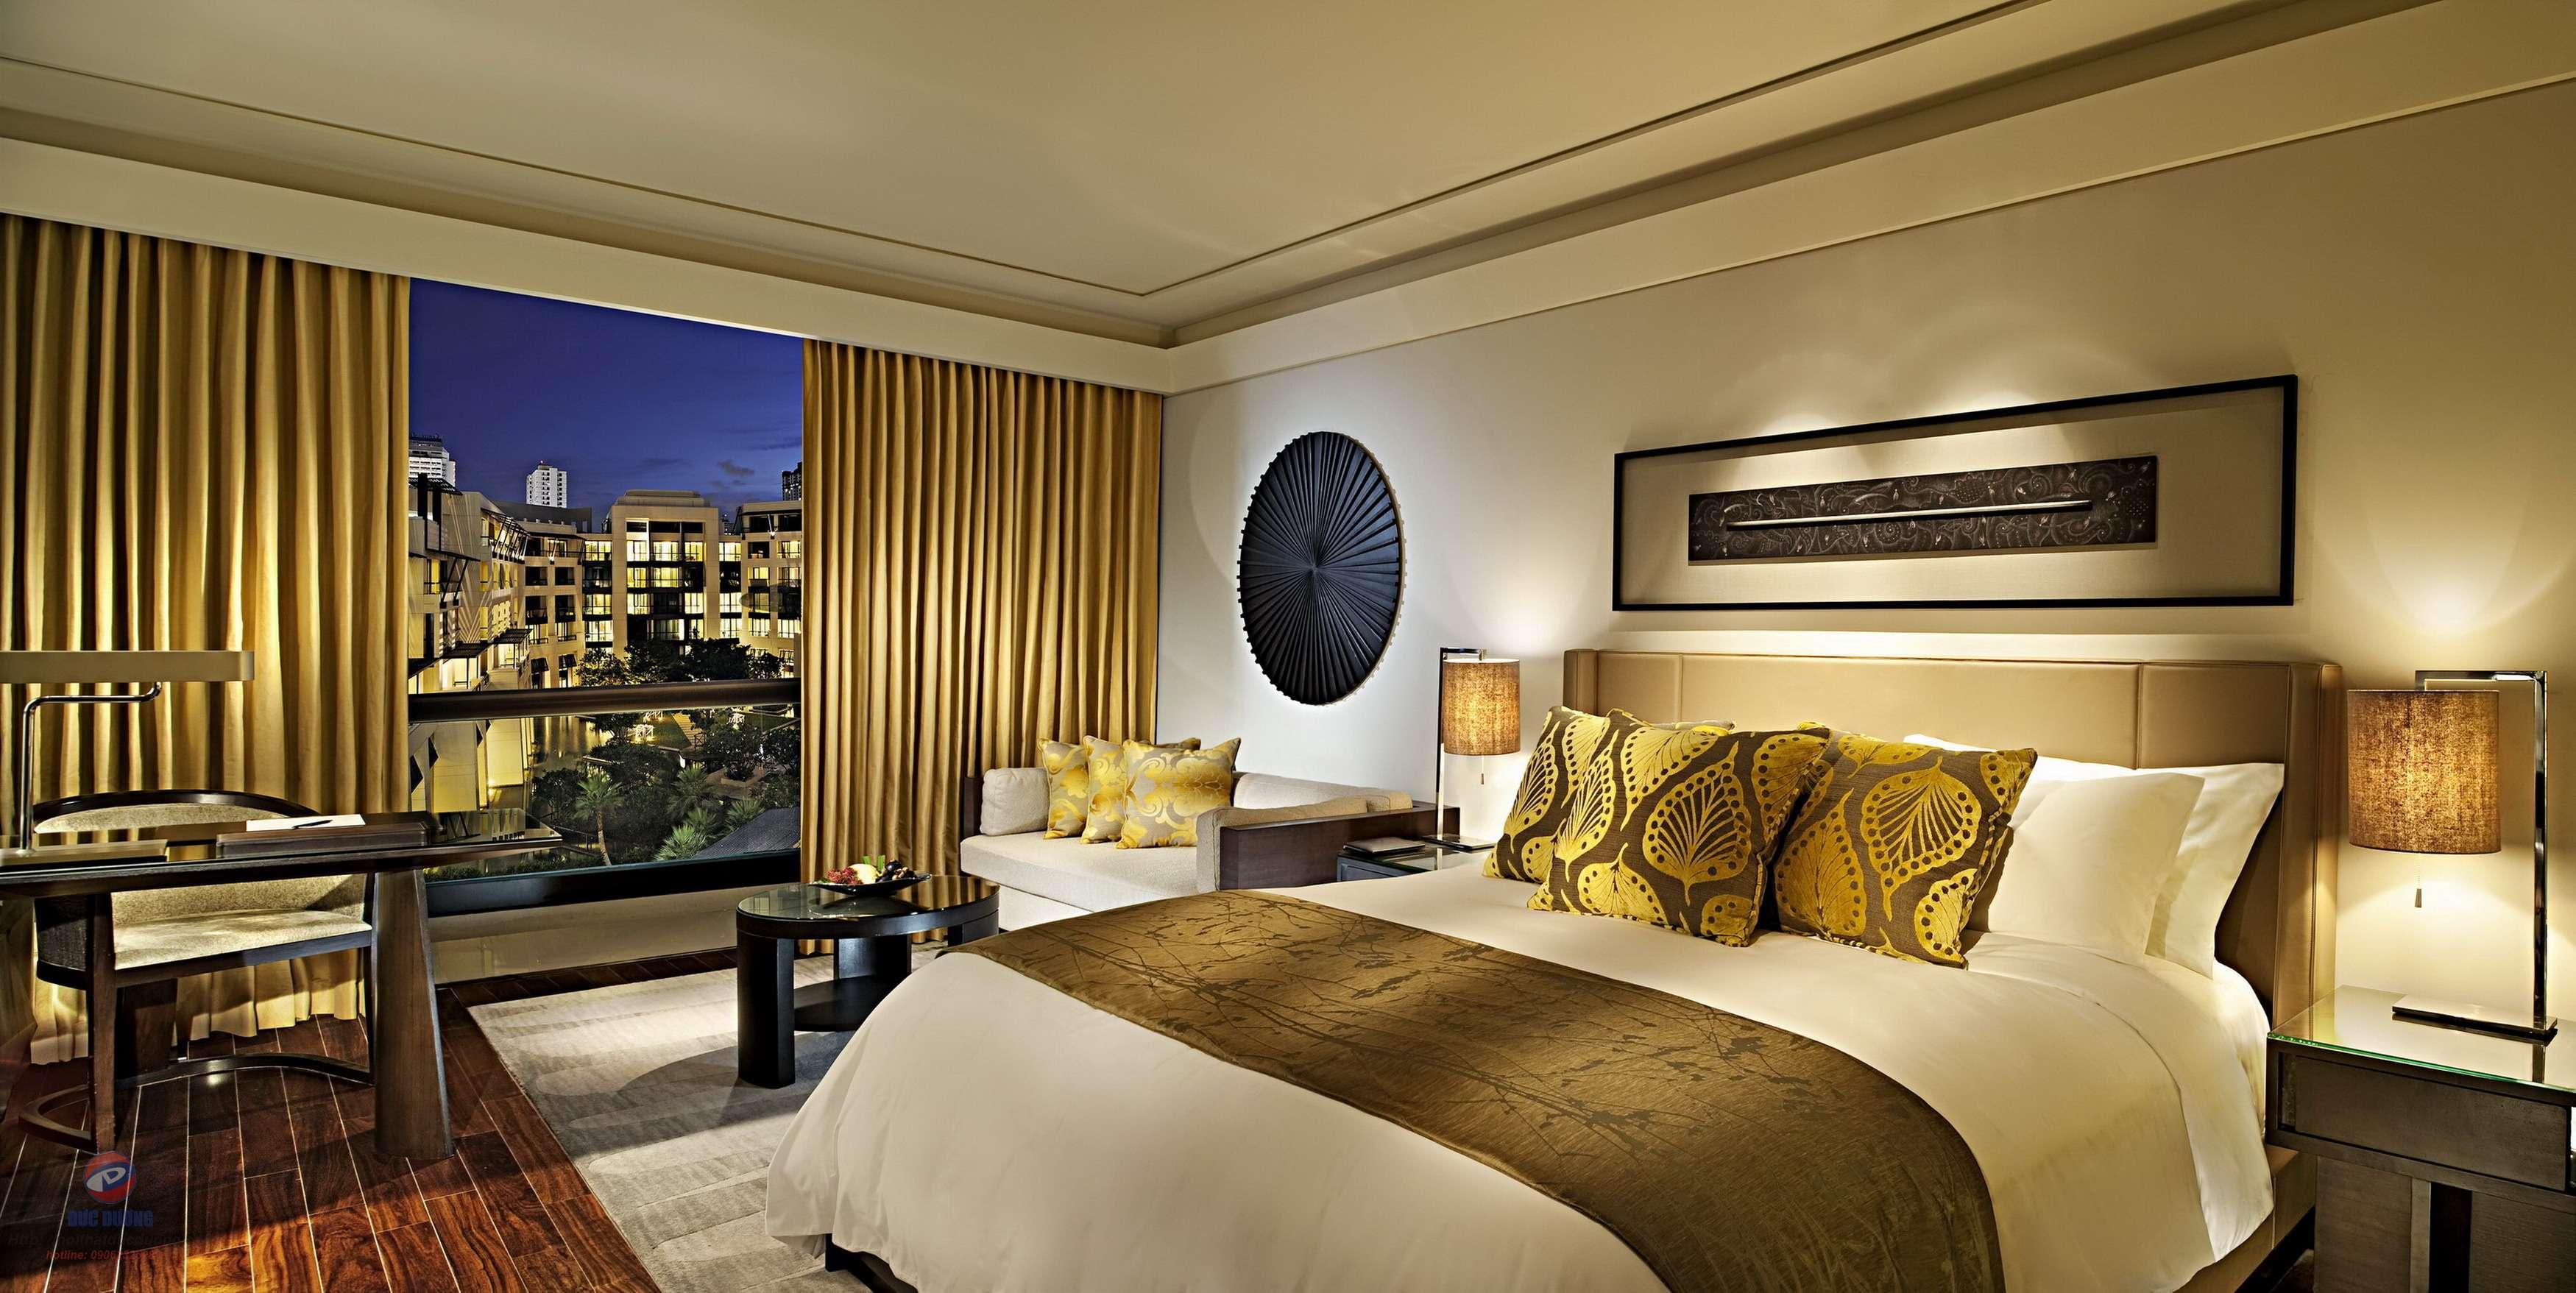 Nội thất khách sạn đẹp, sang trọng với thiết kế hiện đại